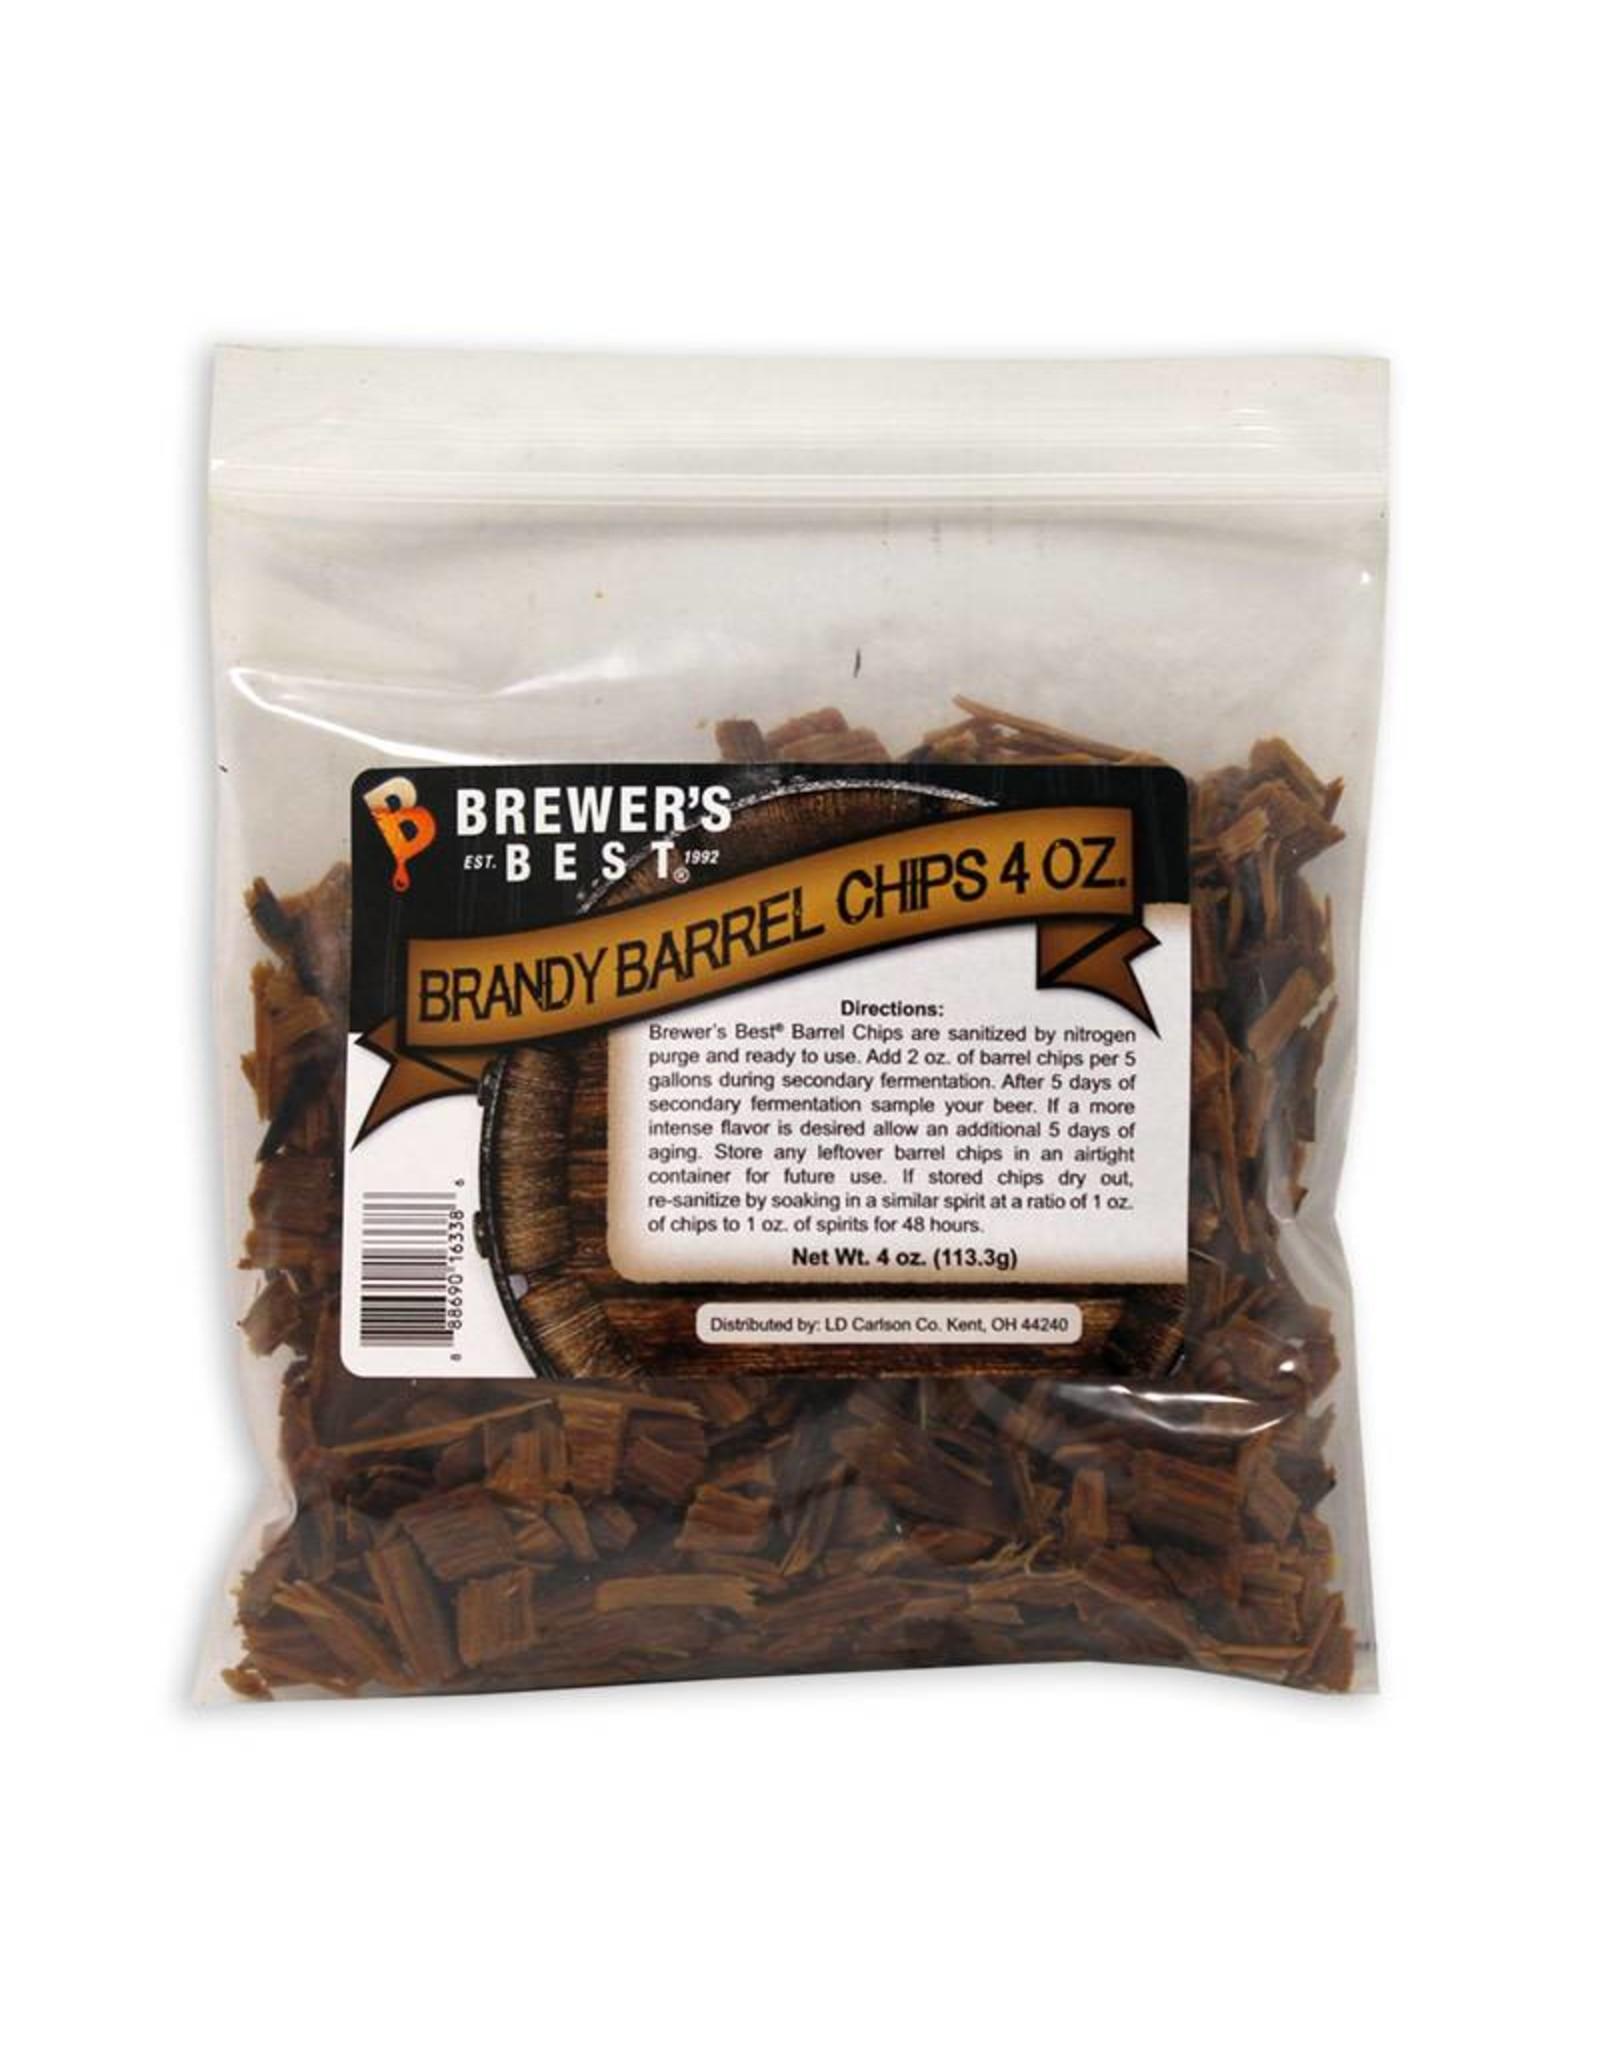 BB Brandy Barrel Chips 4 oz